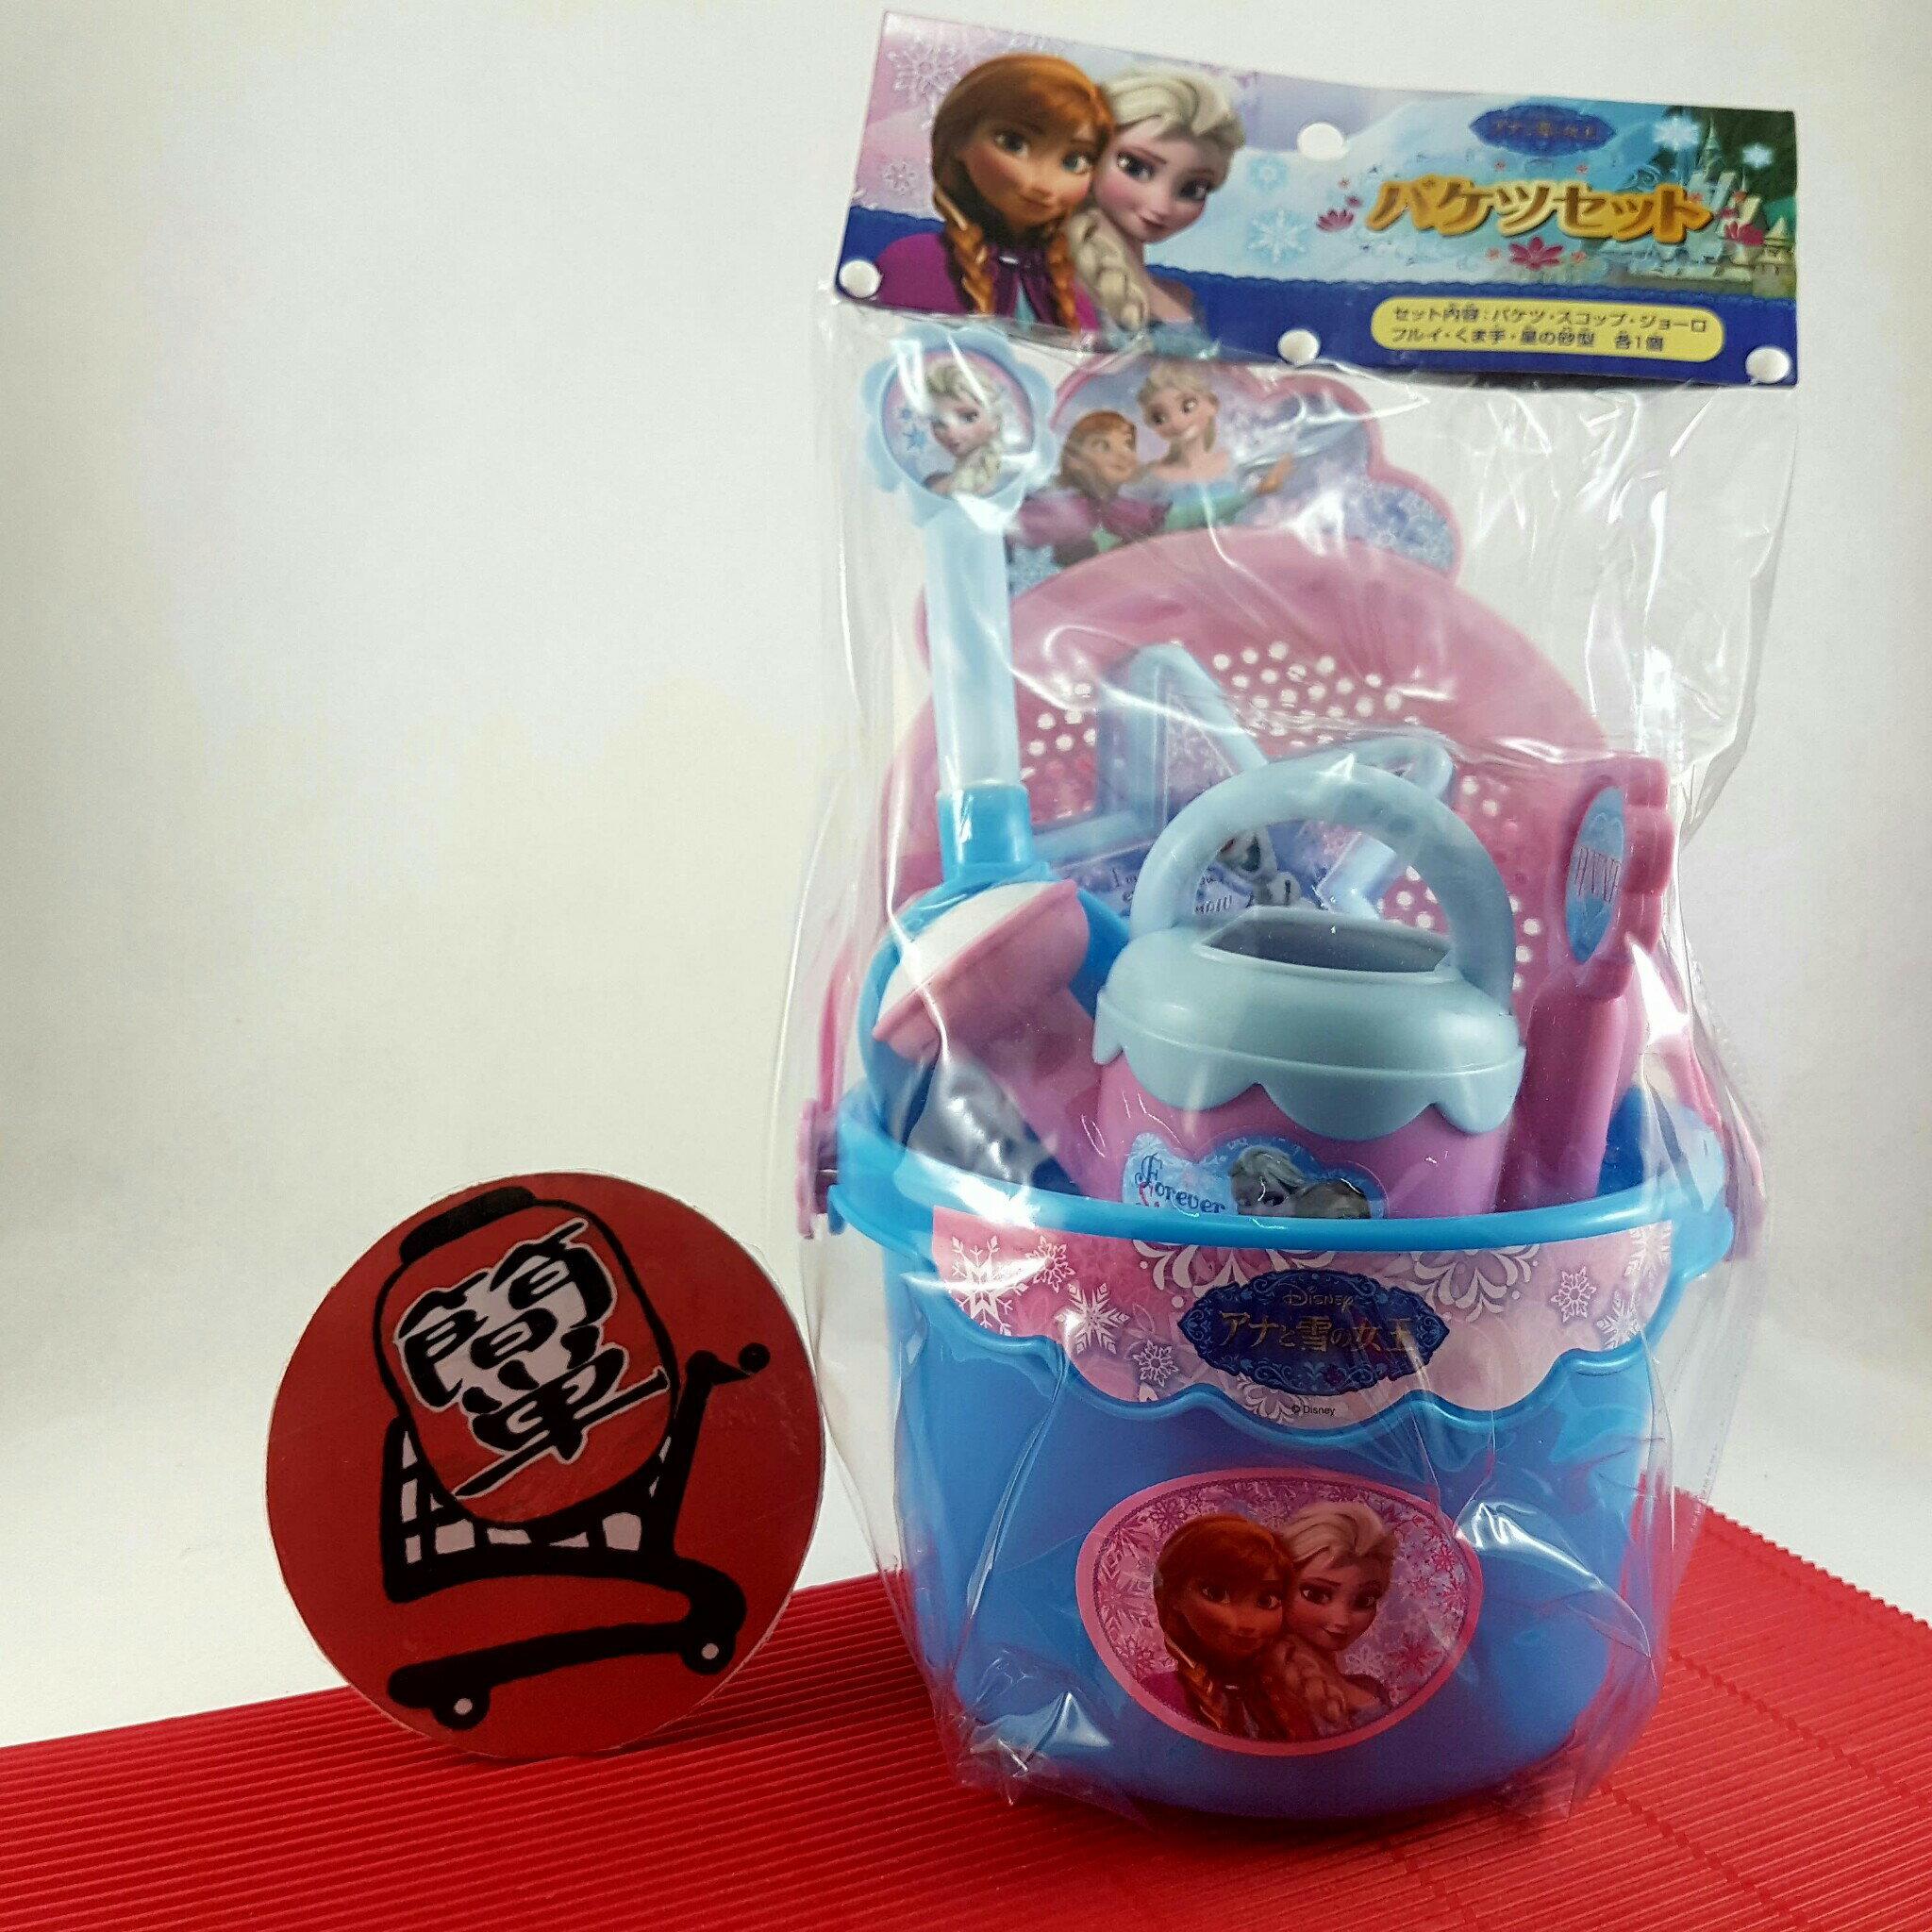 『簡?全球購』迪士尼 DISNEY 冰雪奇緣 Frozen 挖沙 玩沙玩具組